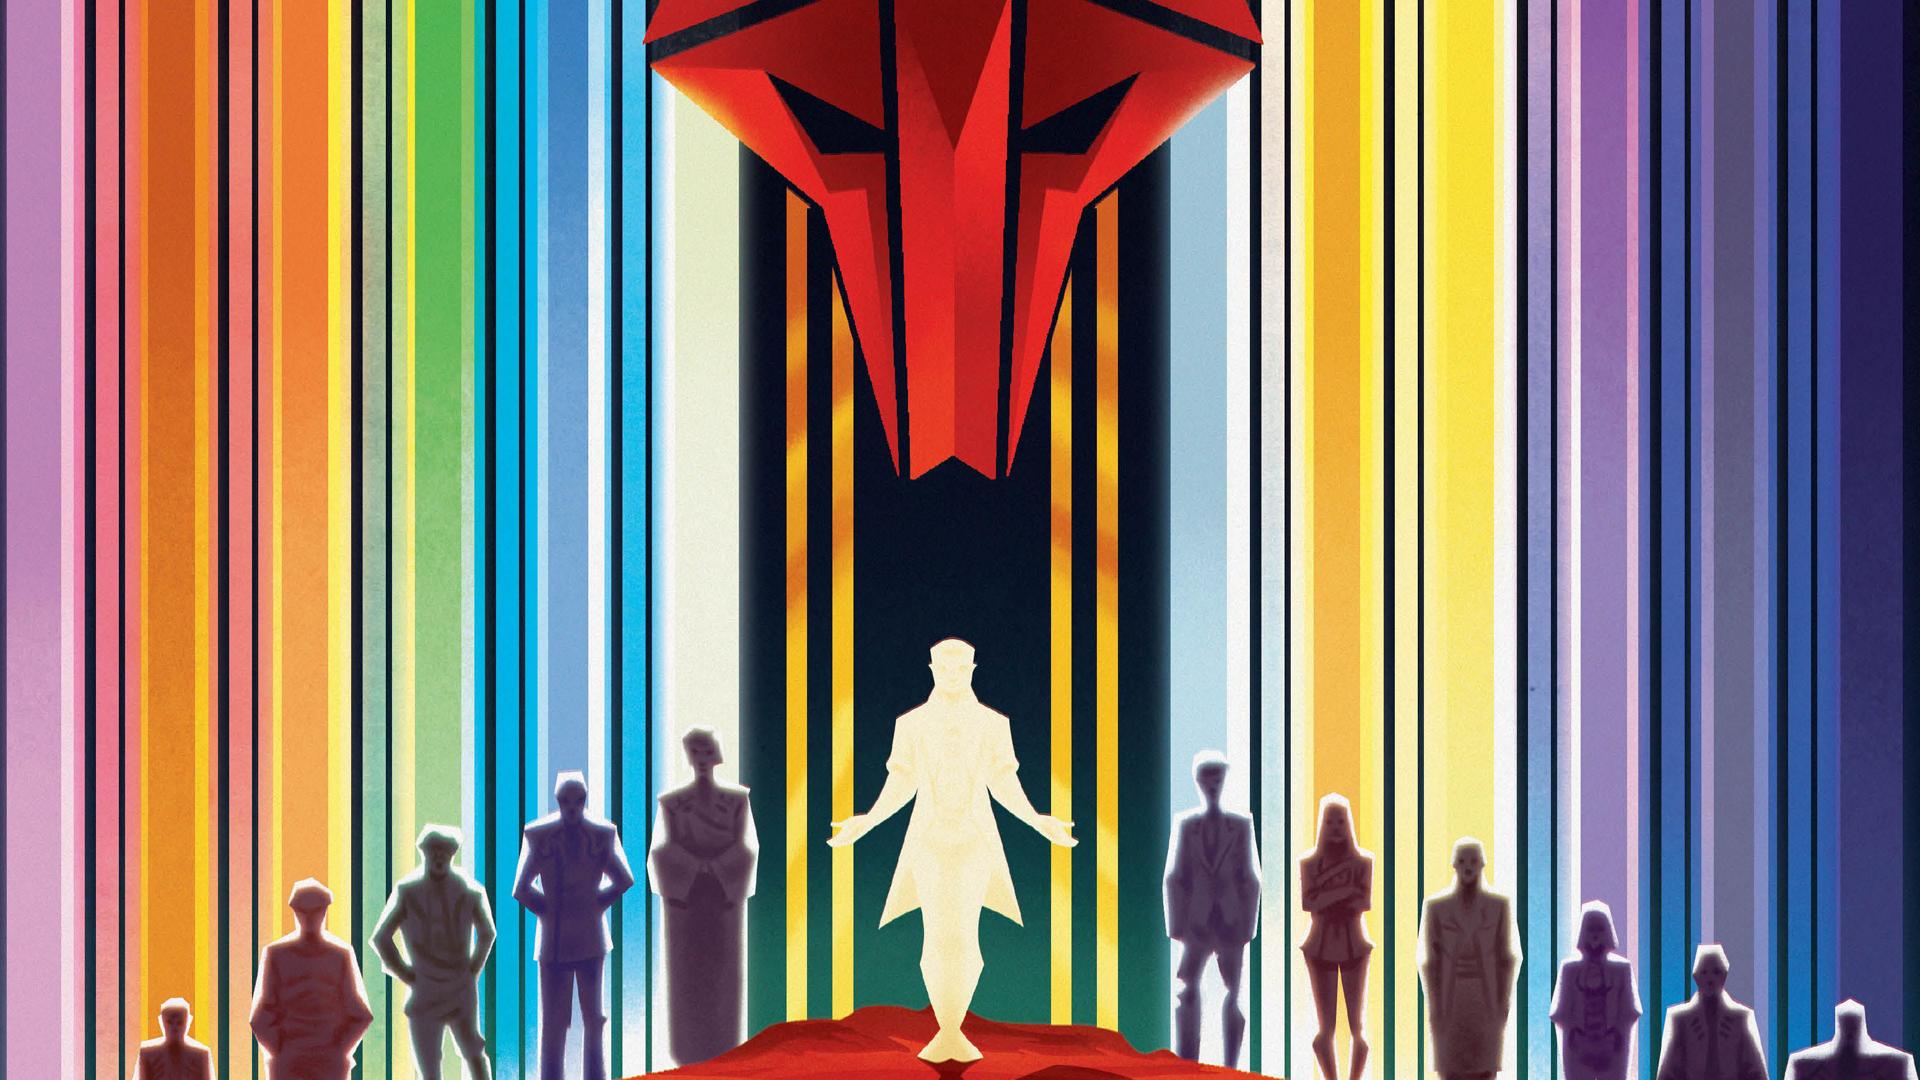 Red Rising board game artwork